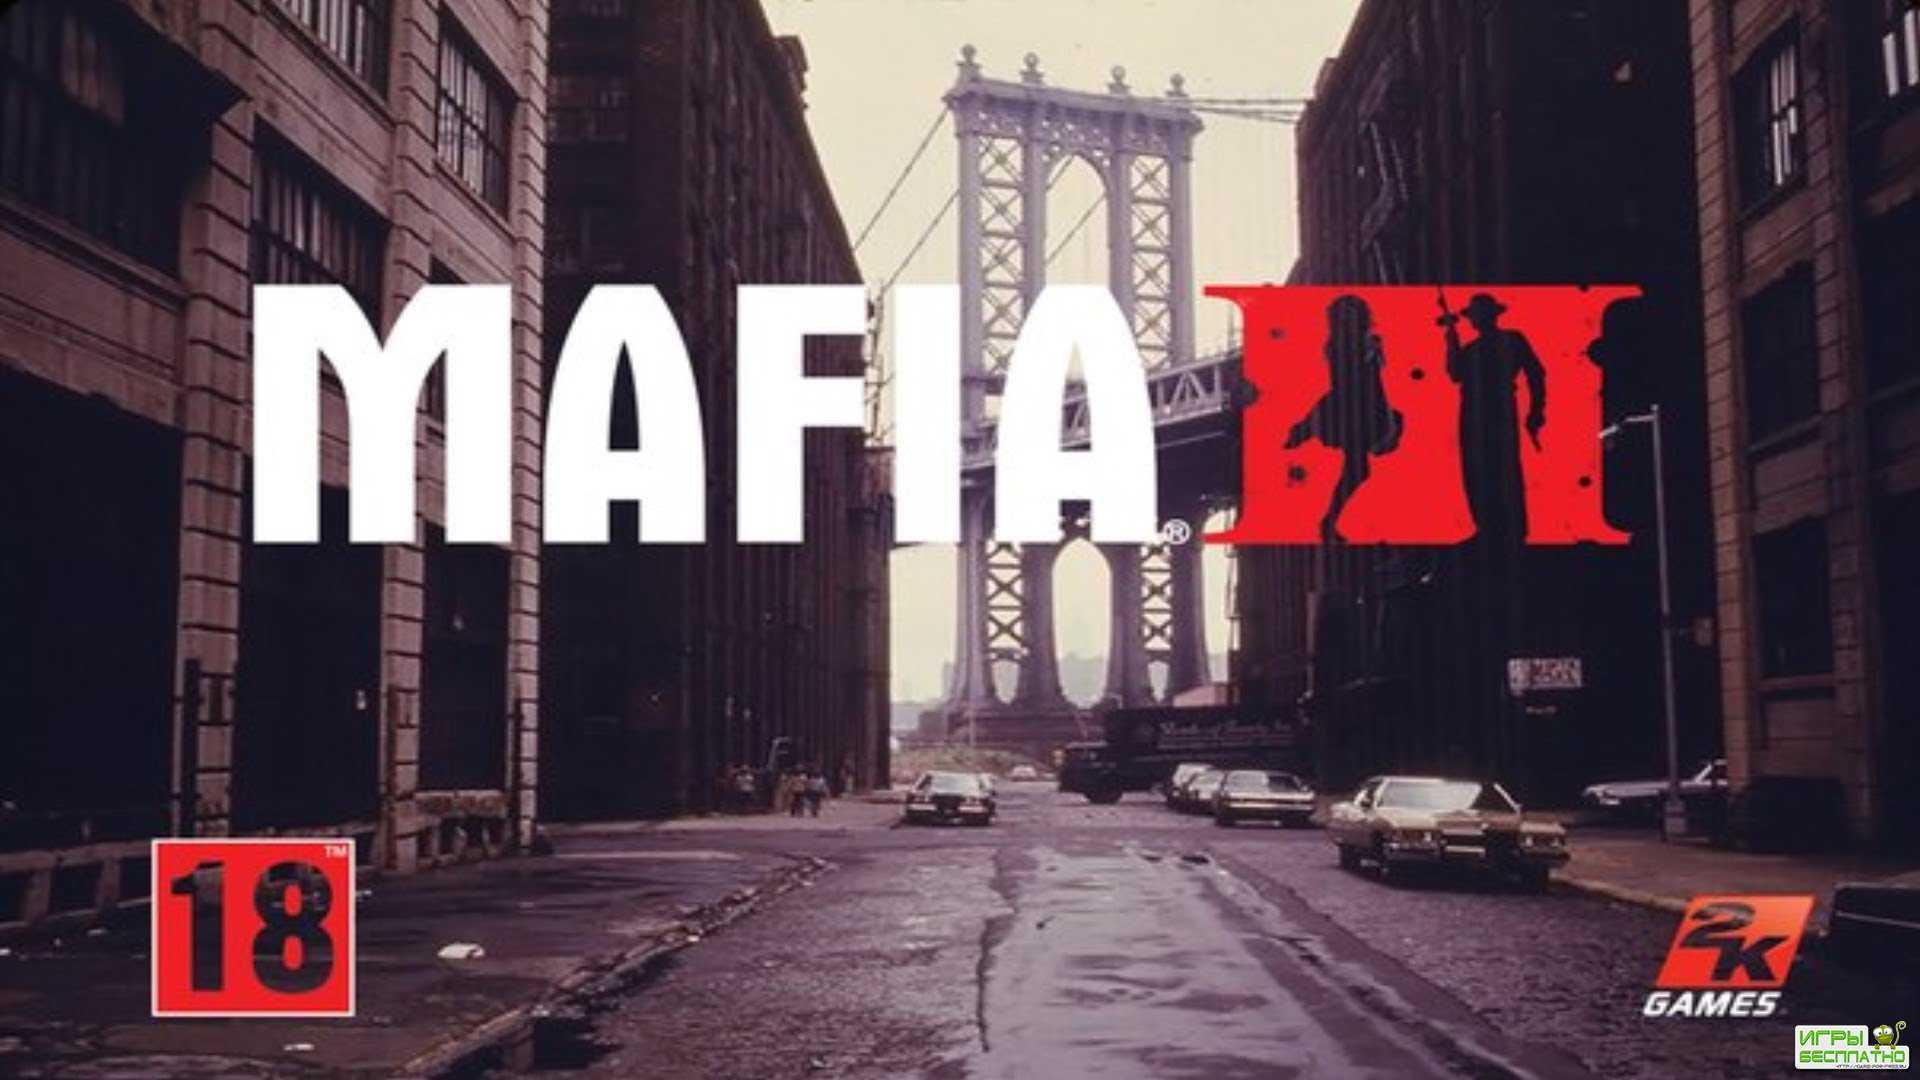 Новый ролик с демонстрацией игрового процесса криминального экшена Mafia II ...